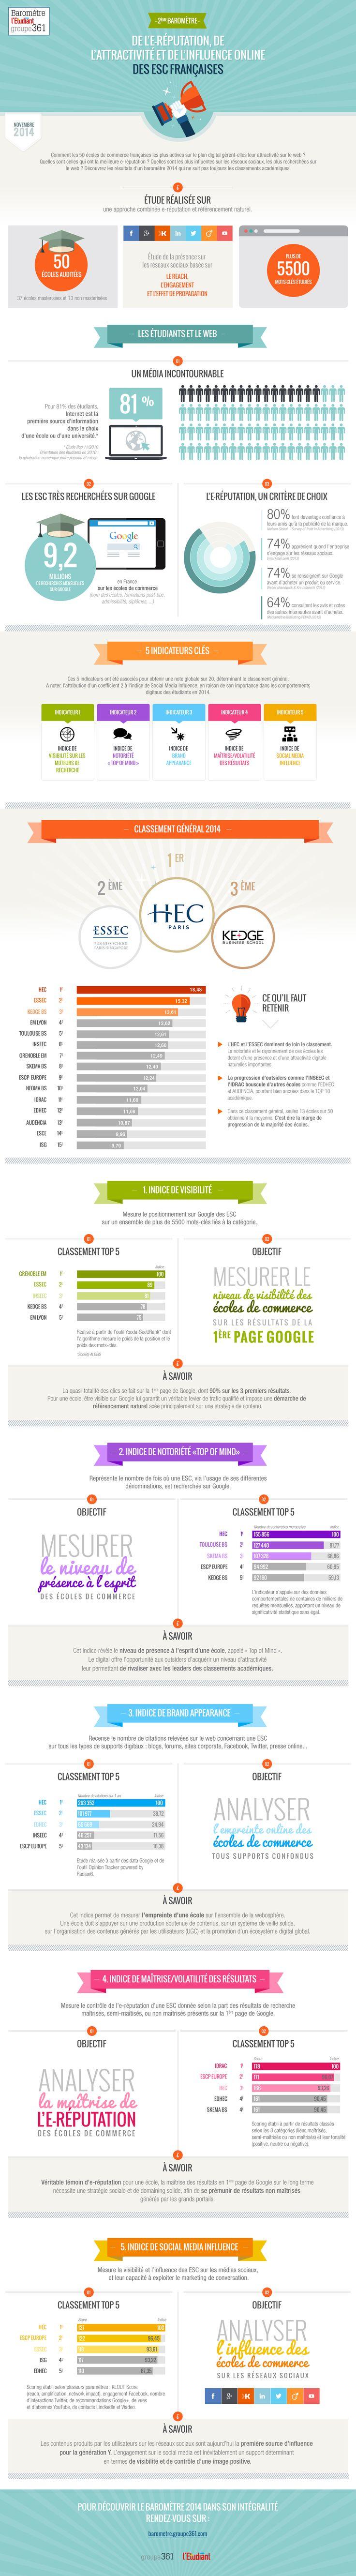 #Infographie : 2e édition du Baromètre de l'e-réputation, de l'attractivité et de l'influence on-line des ESC par L'Etudiant - Groupe 361